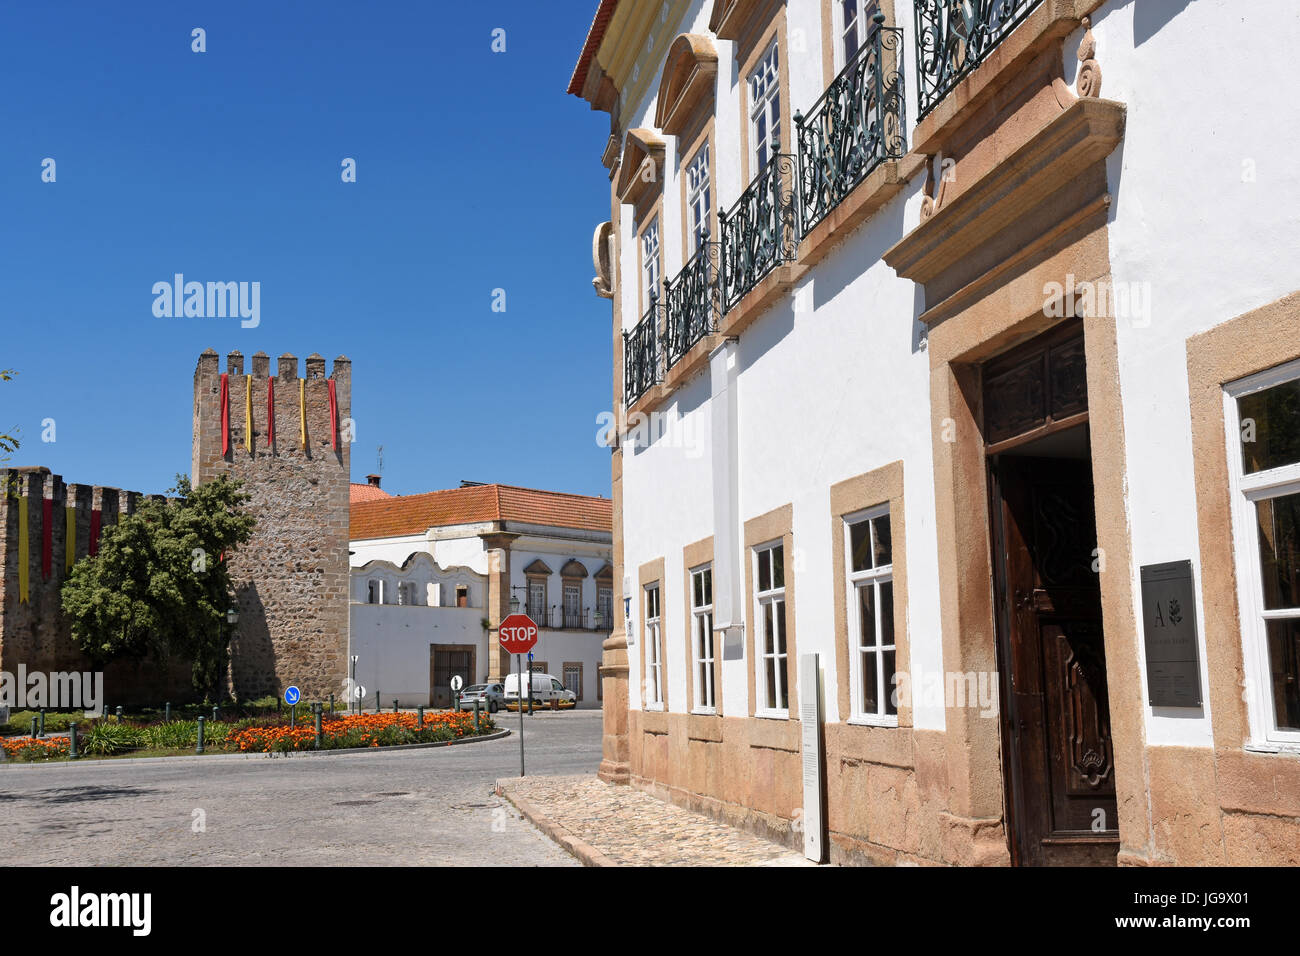 Castle and Casa do Alamo, Alter Do Chao, Beiras region, Portugal, Stock Photo